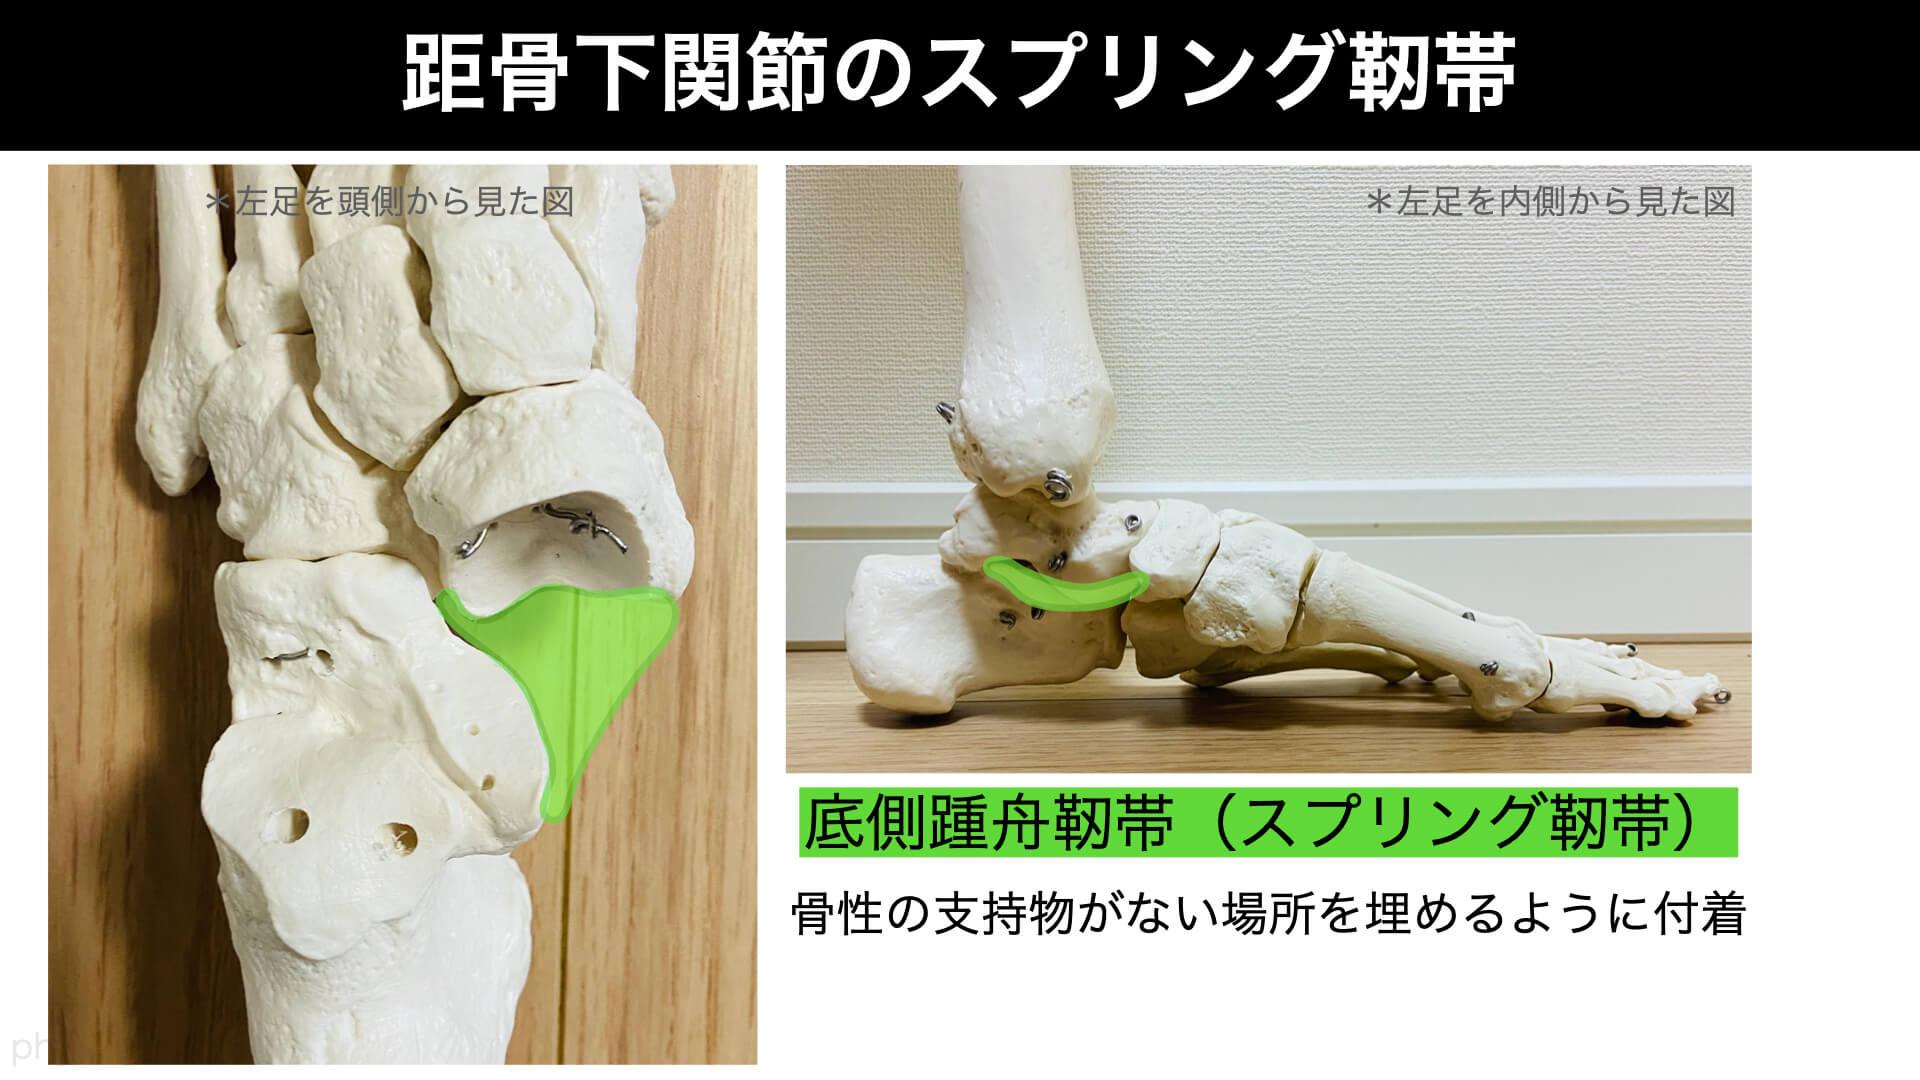 底側踵舟靭帯、スプリング靭帯